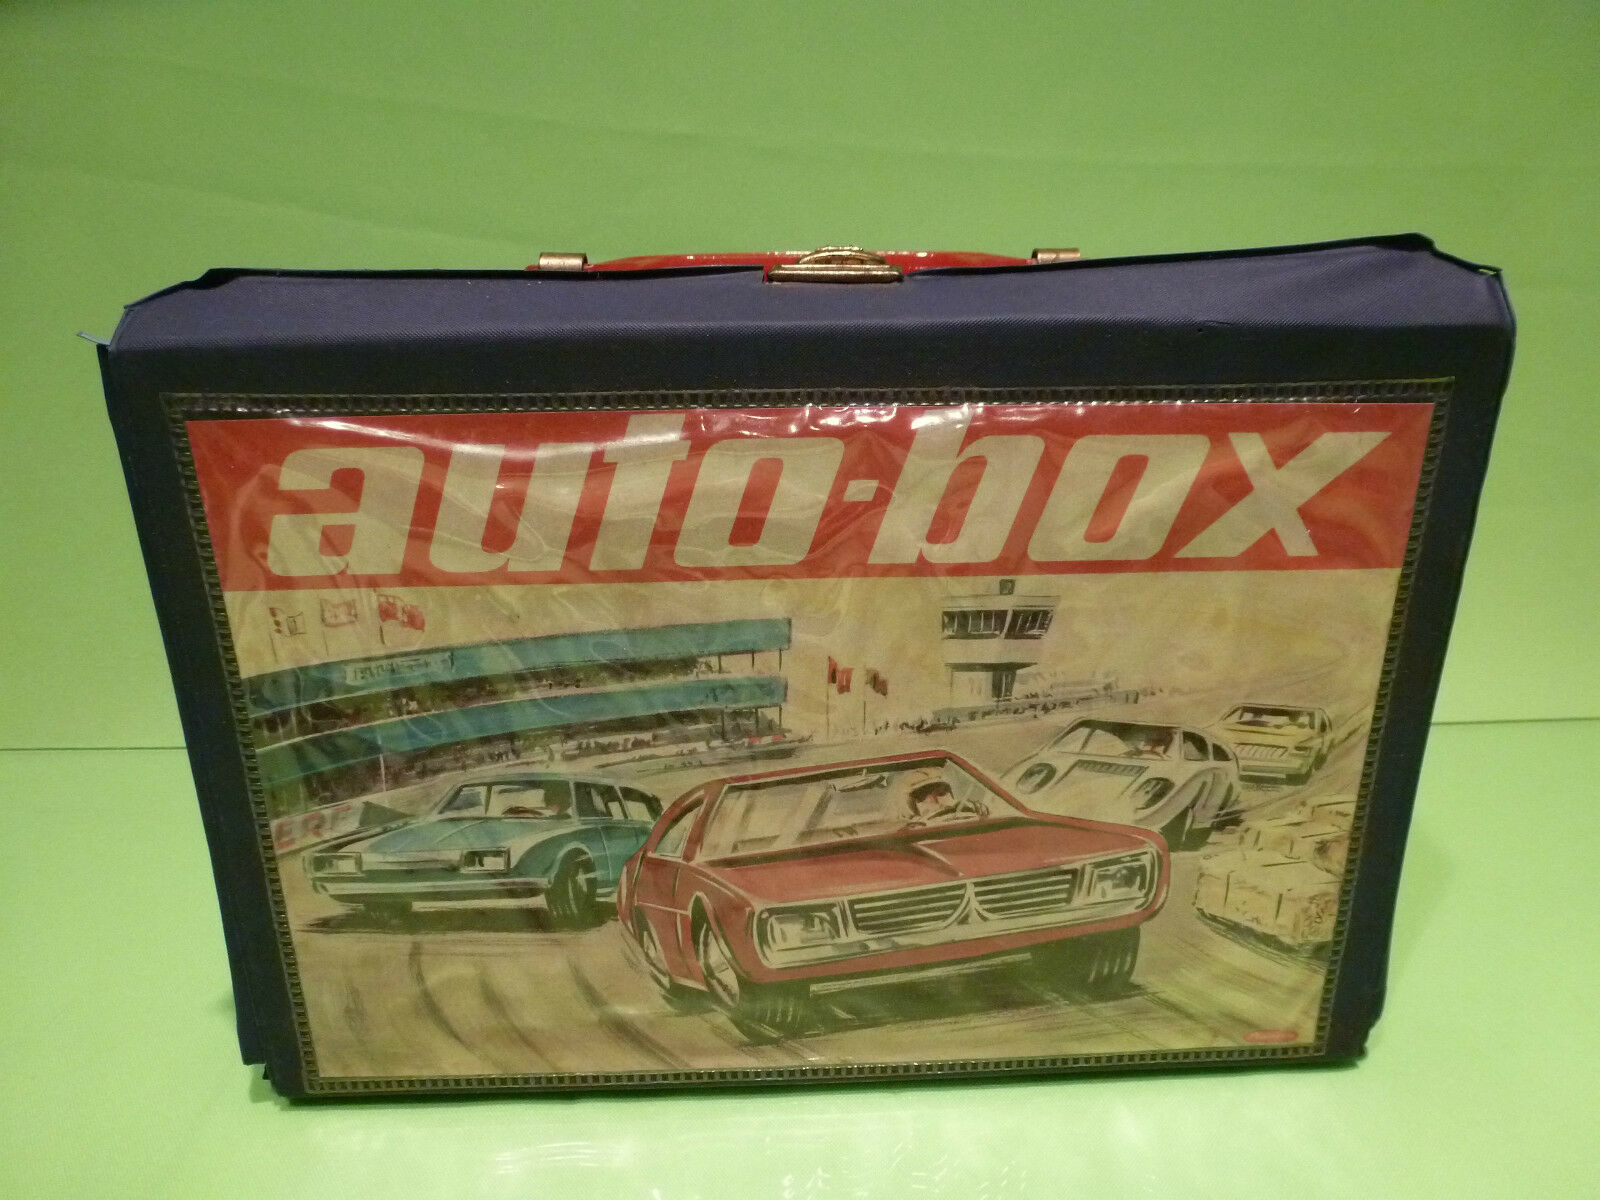 PLASTICUM AUTO-BOX + 24 CARS MATCHBOX etc. 1 66 - GOOD CONDITION